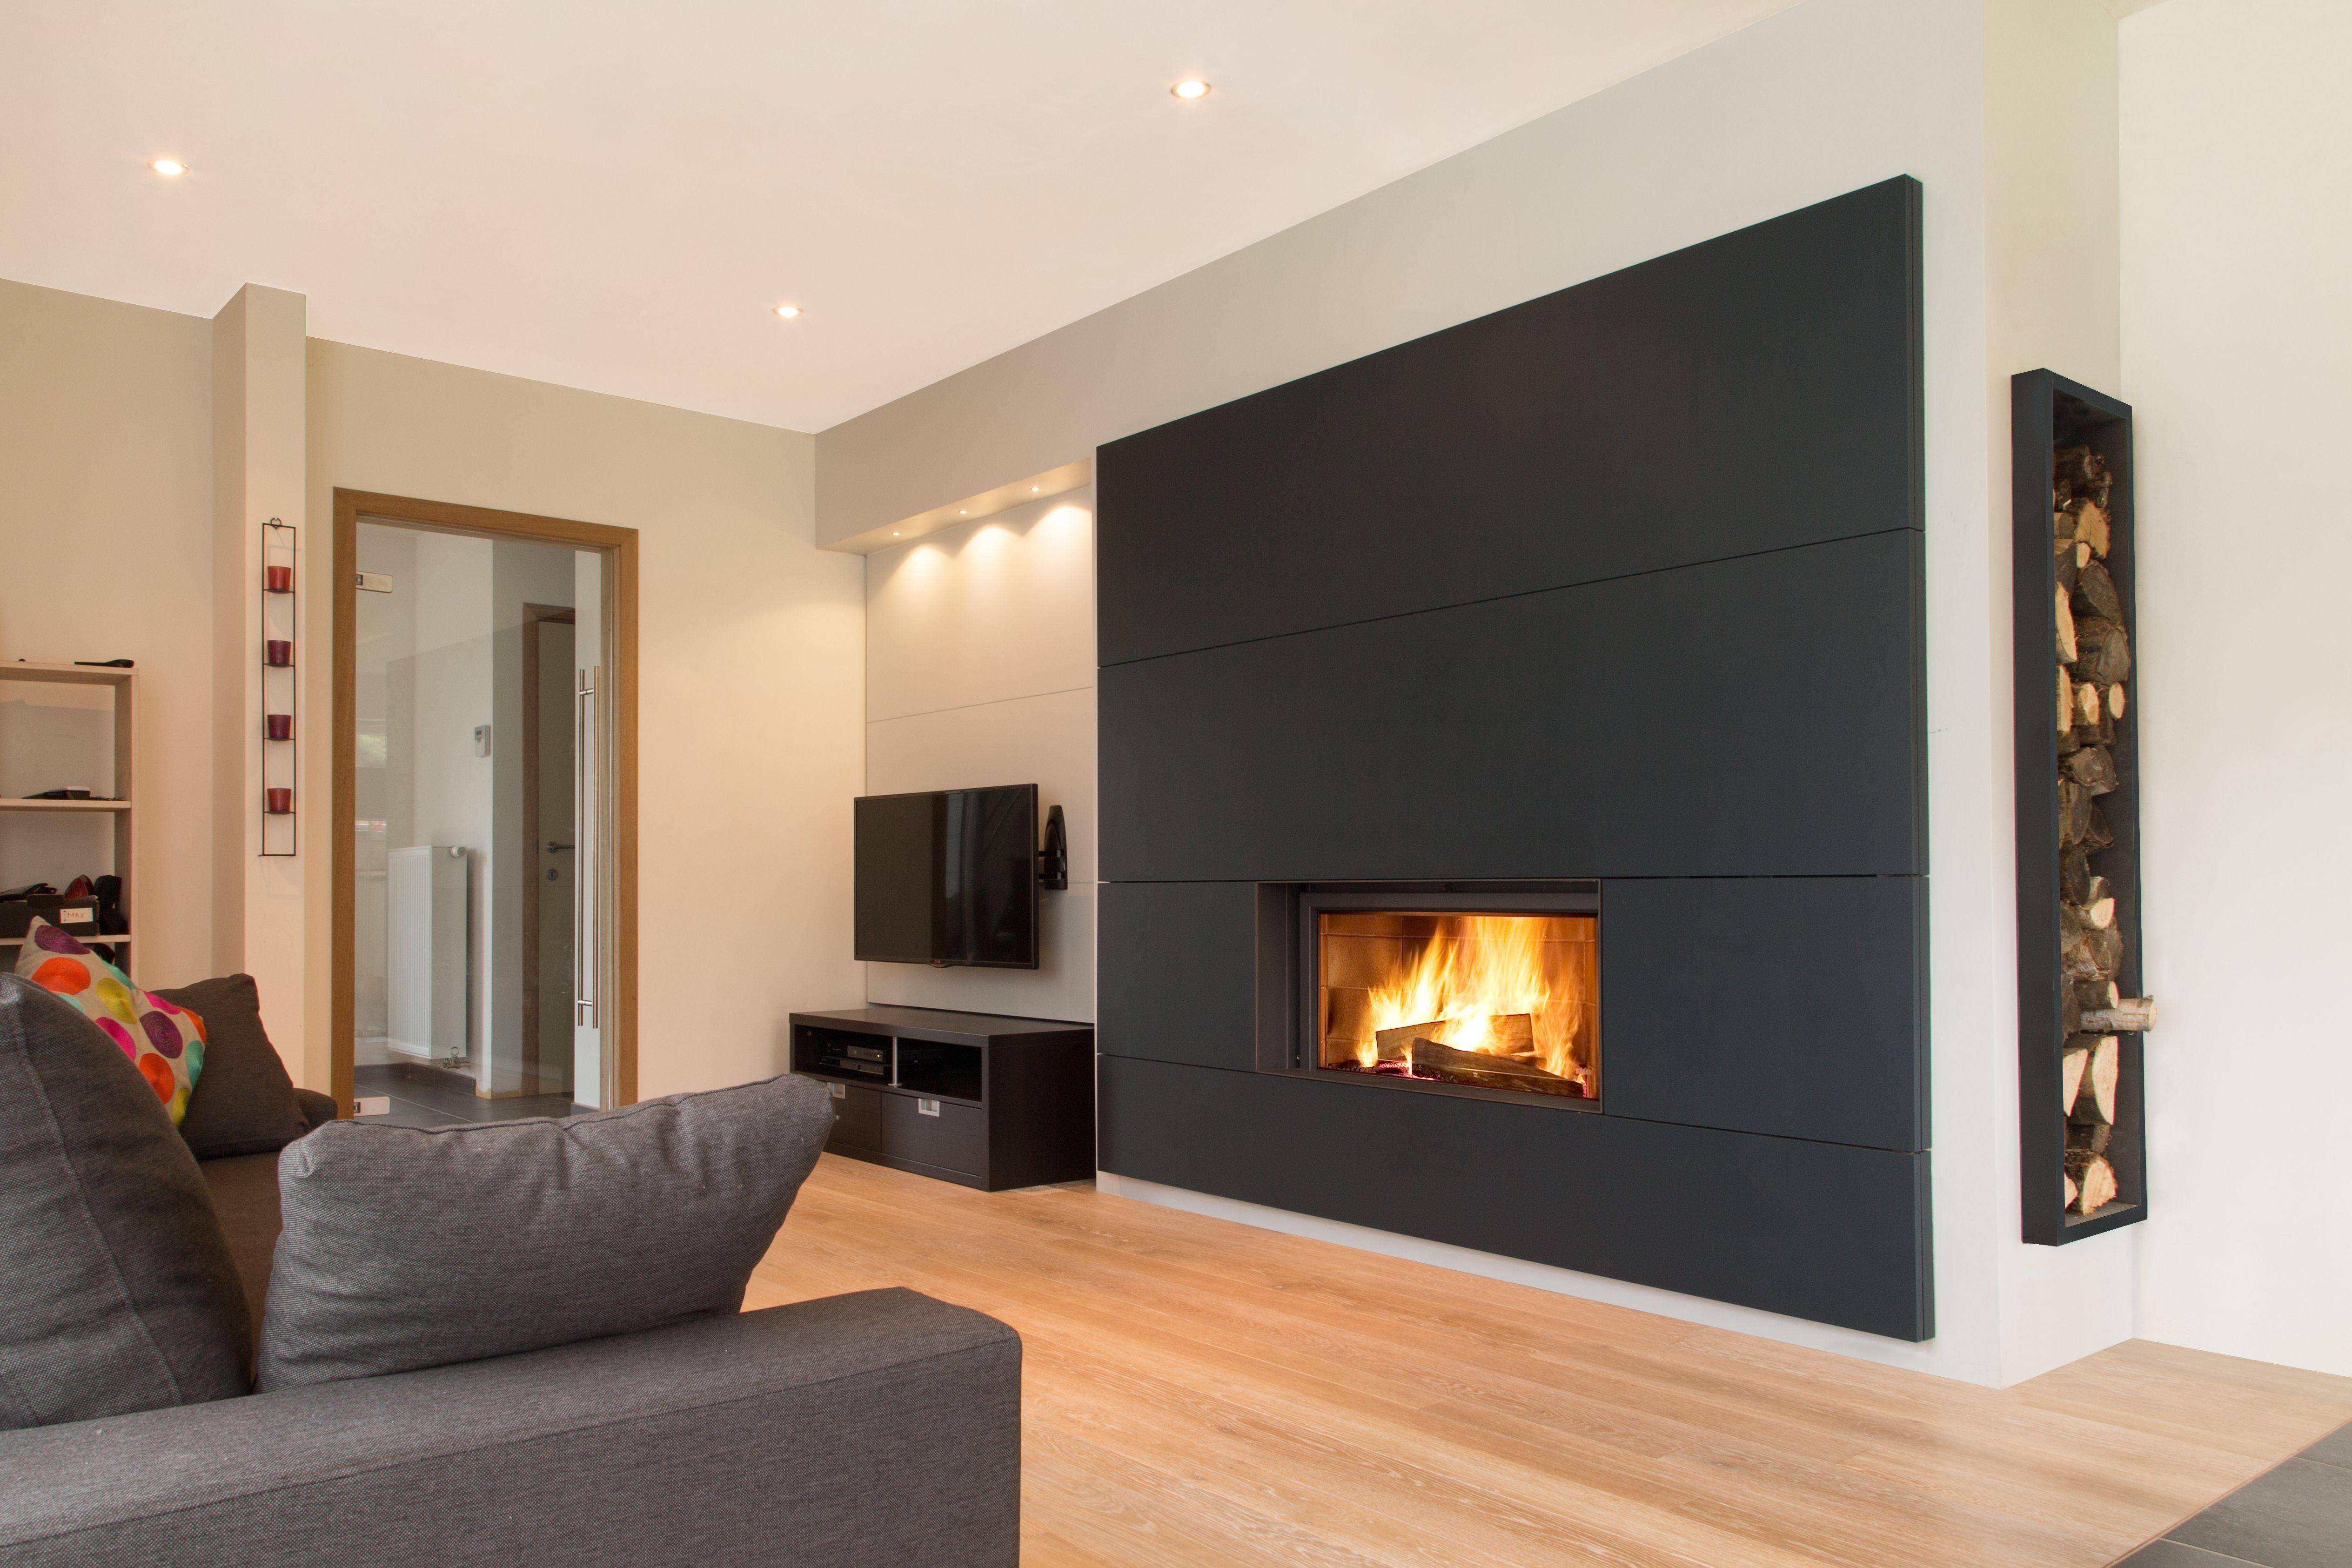 Projet F Assesse Belgique Stuv 21 105 Agencement Complet Realise Sur Mesure Maison Style Deco Maison Cheminee Moderne